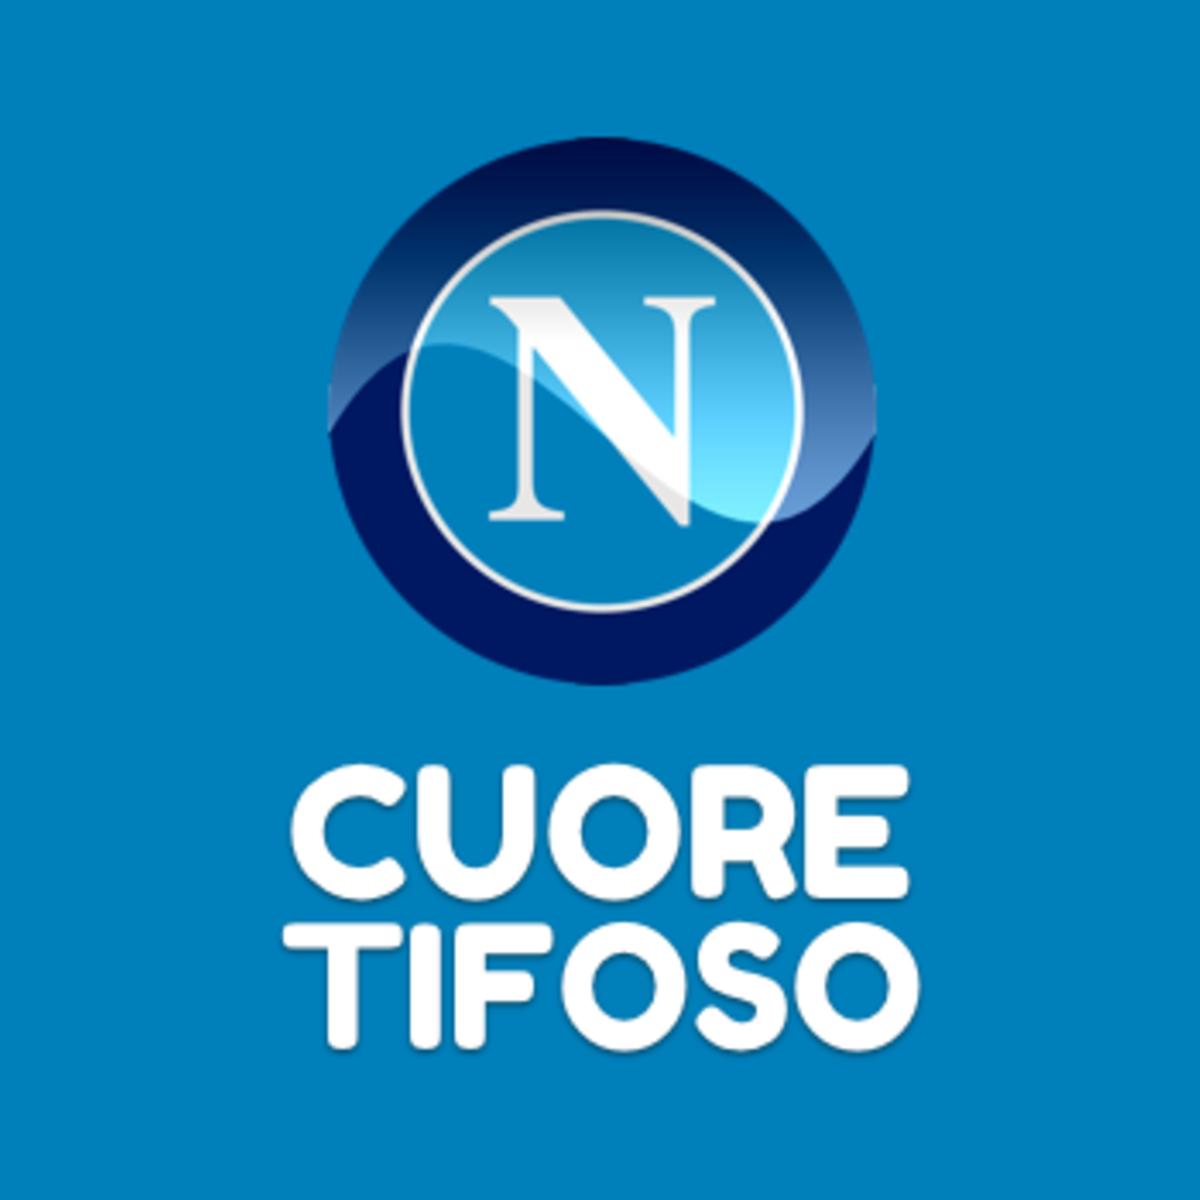 Cuore tifoso Napoli, Lozano non può più restare in panchina